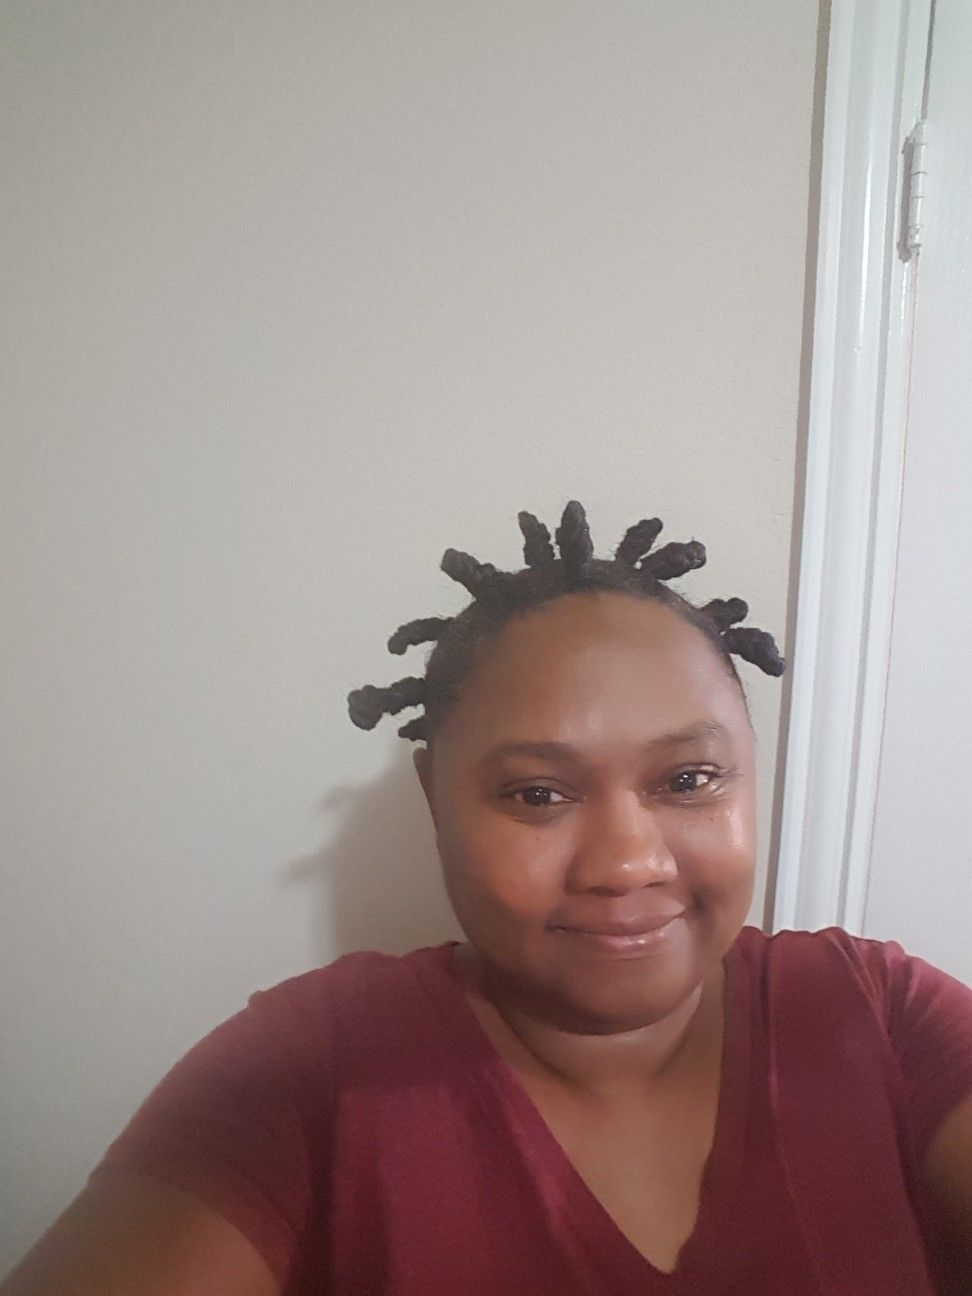 Failed bantu knots natural hair pinterest bantu knots flat